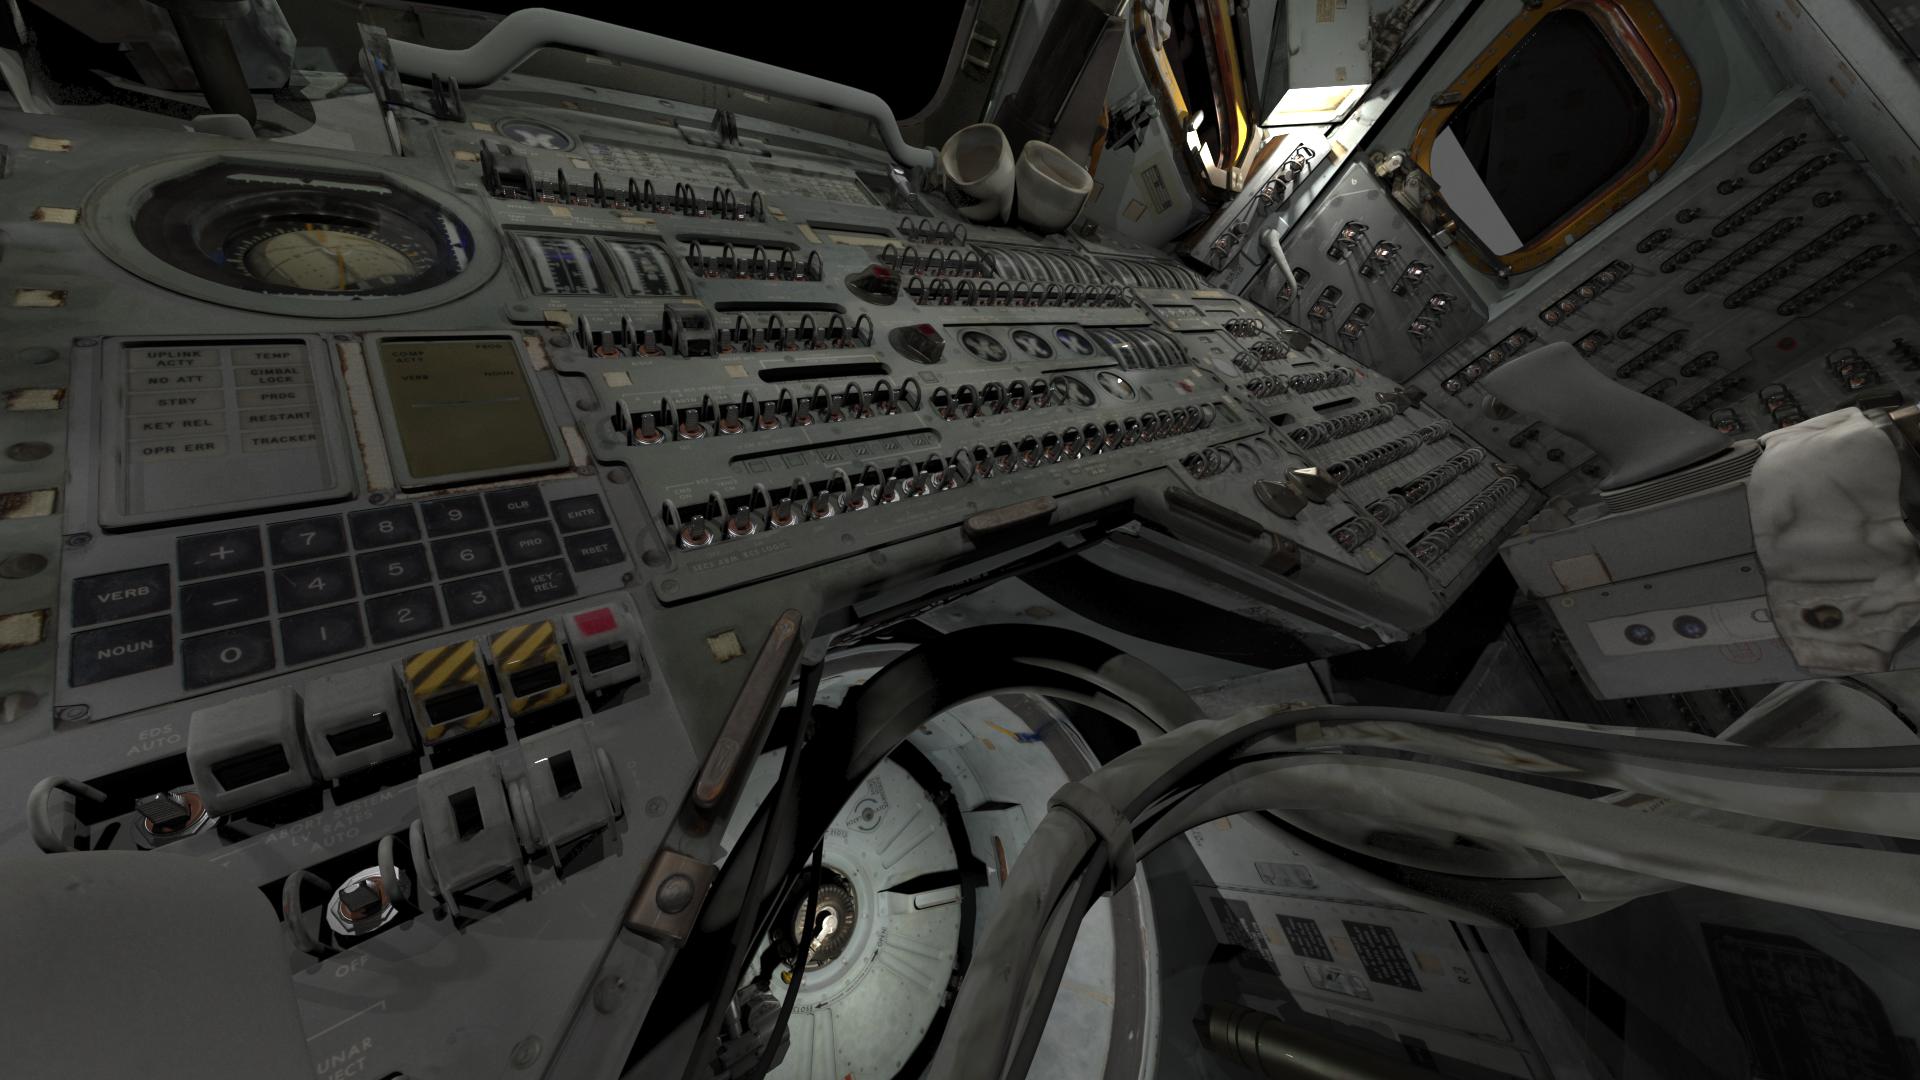 apollo 11 moon landing an interactive space exploration adventure - photo #29